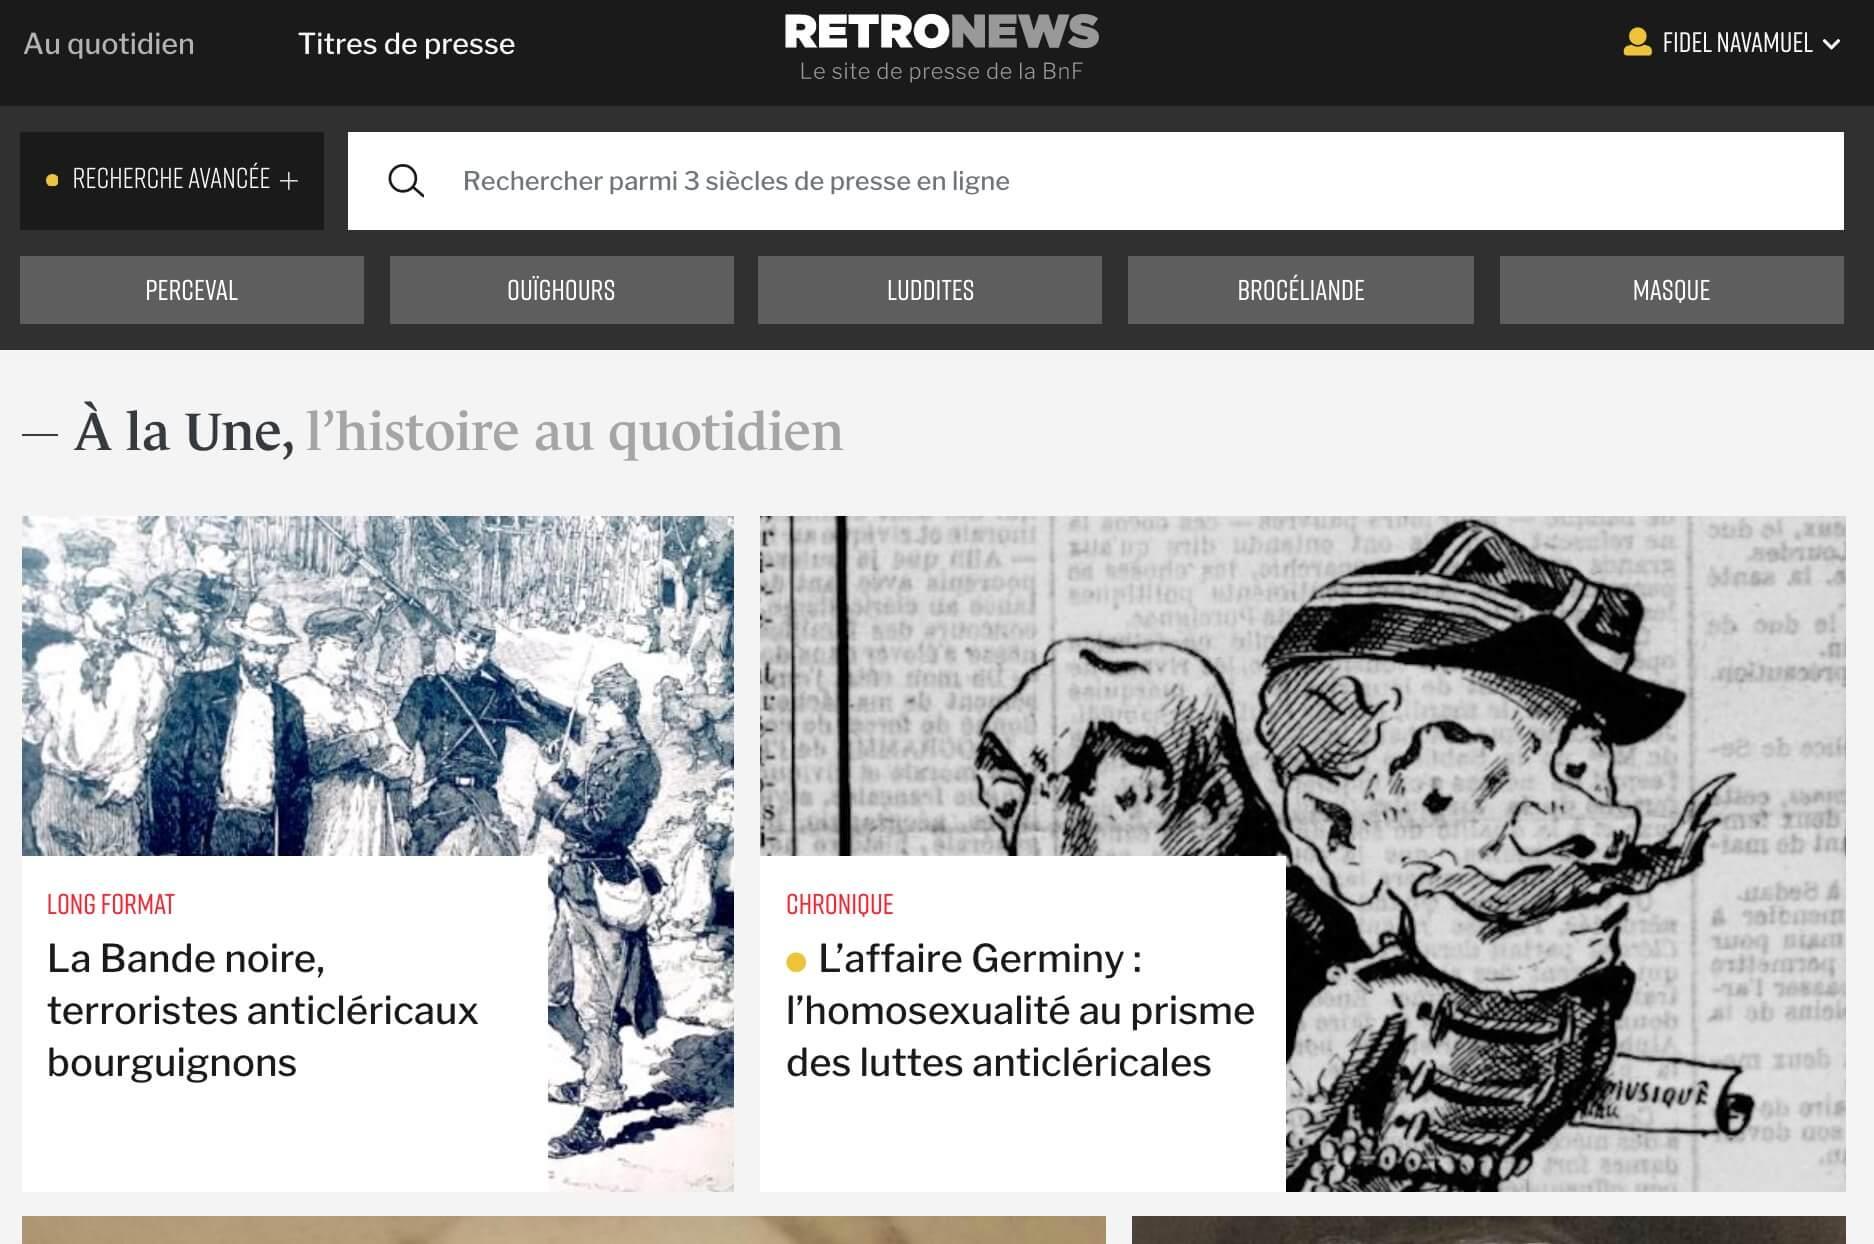 retronews archives de presse